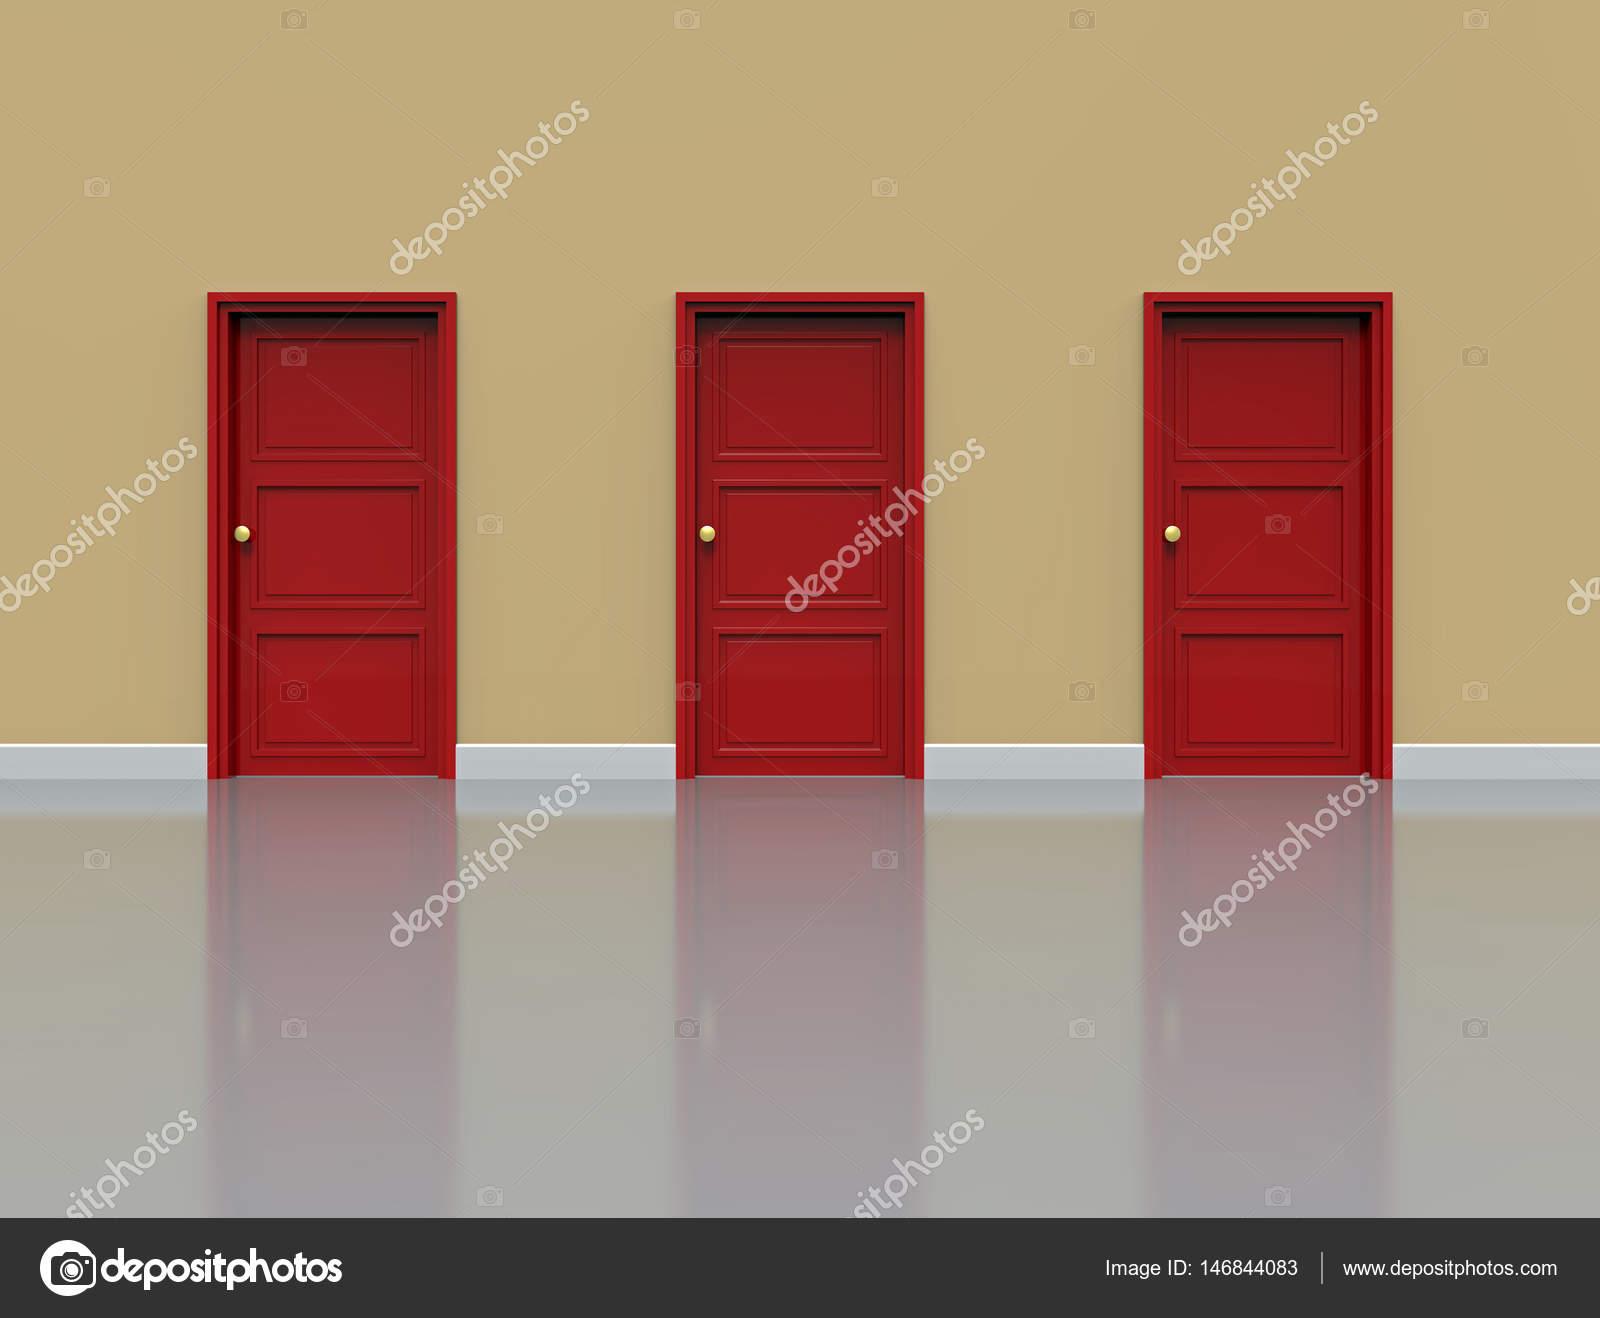 Wand mit Türen — Stockfoto © Boris15 #146844083